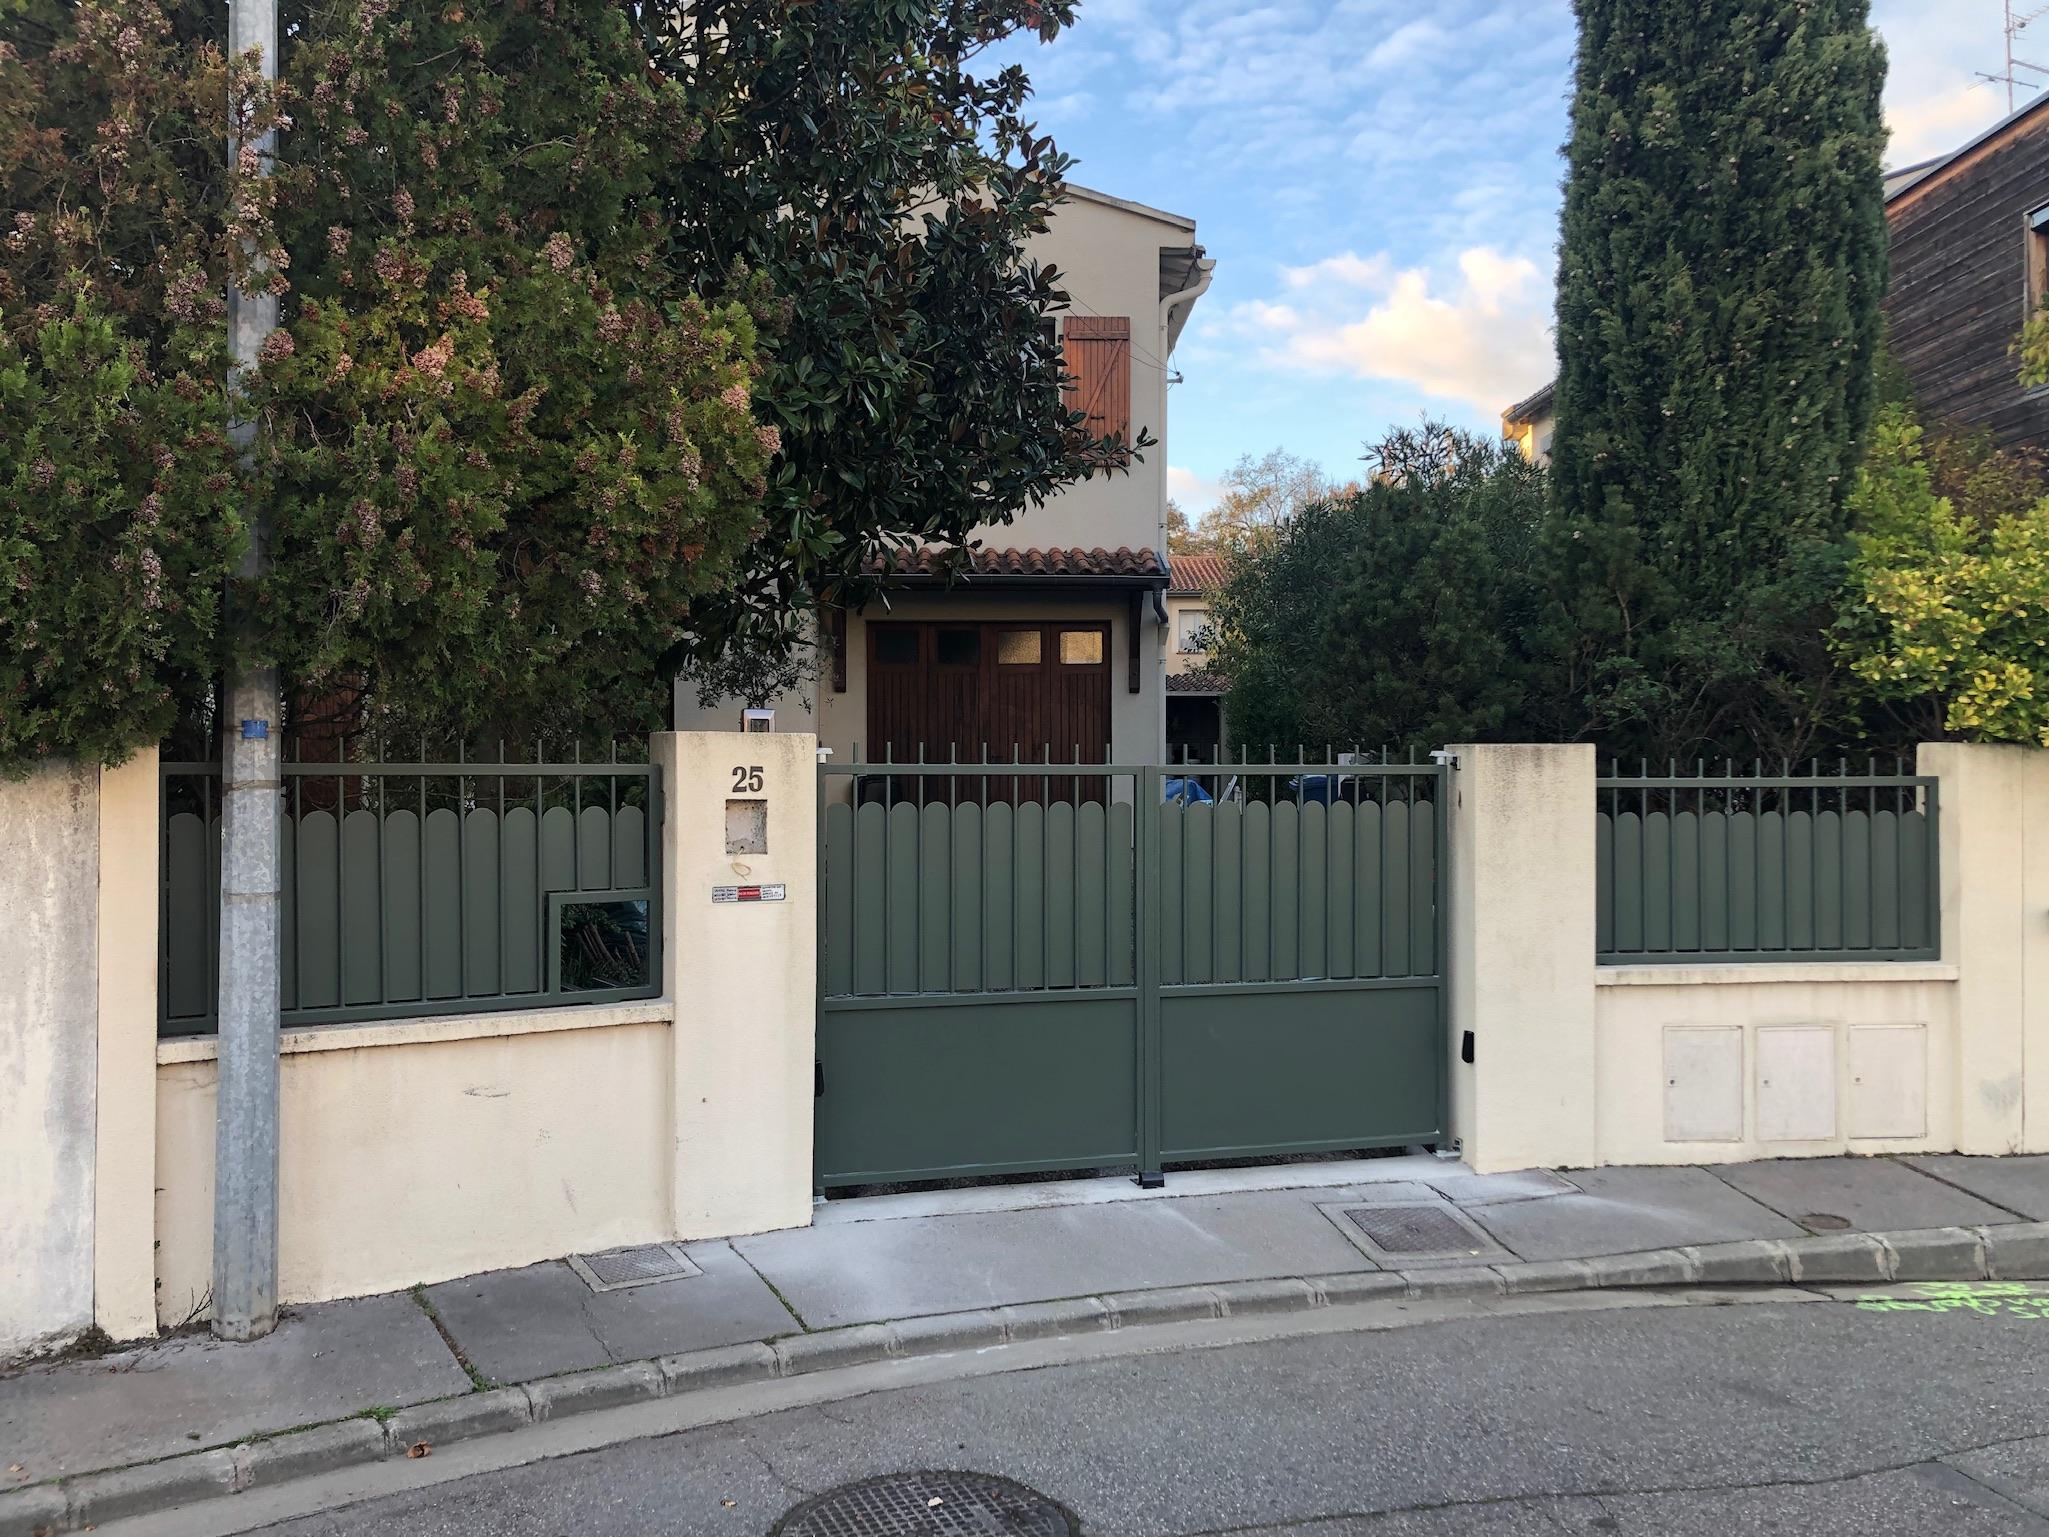 ensemble portail et clôture assortis Sublimétal